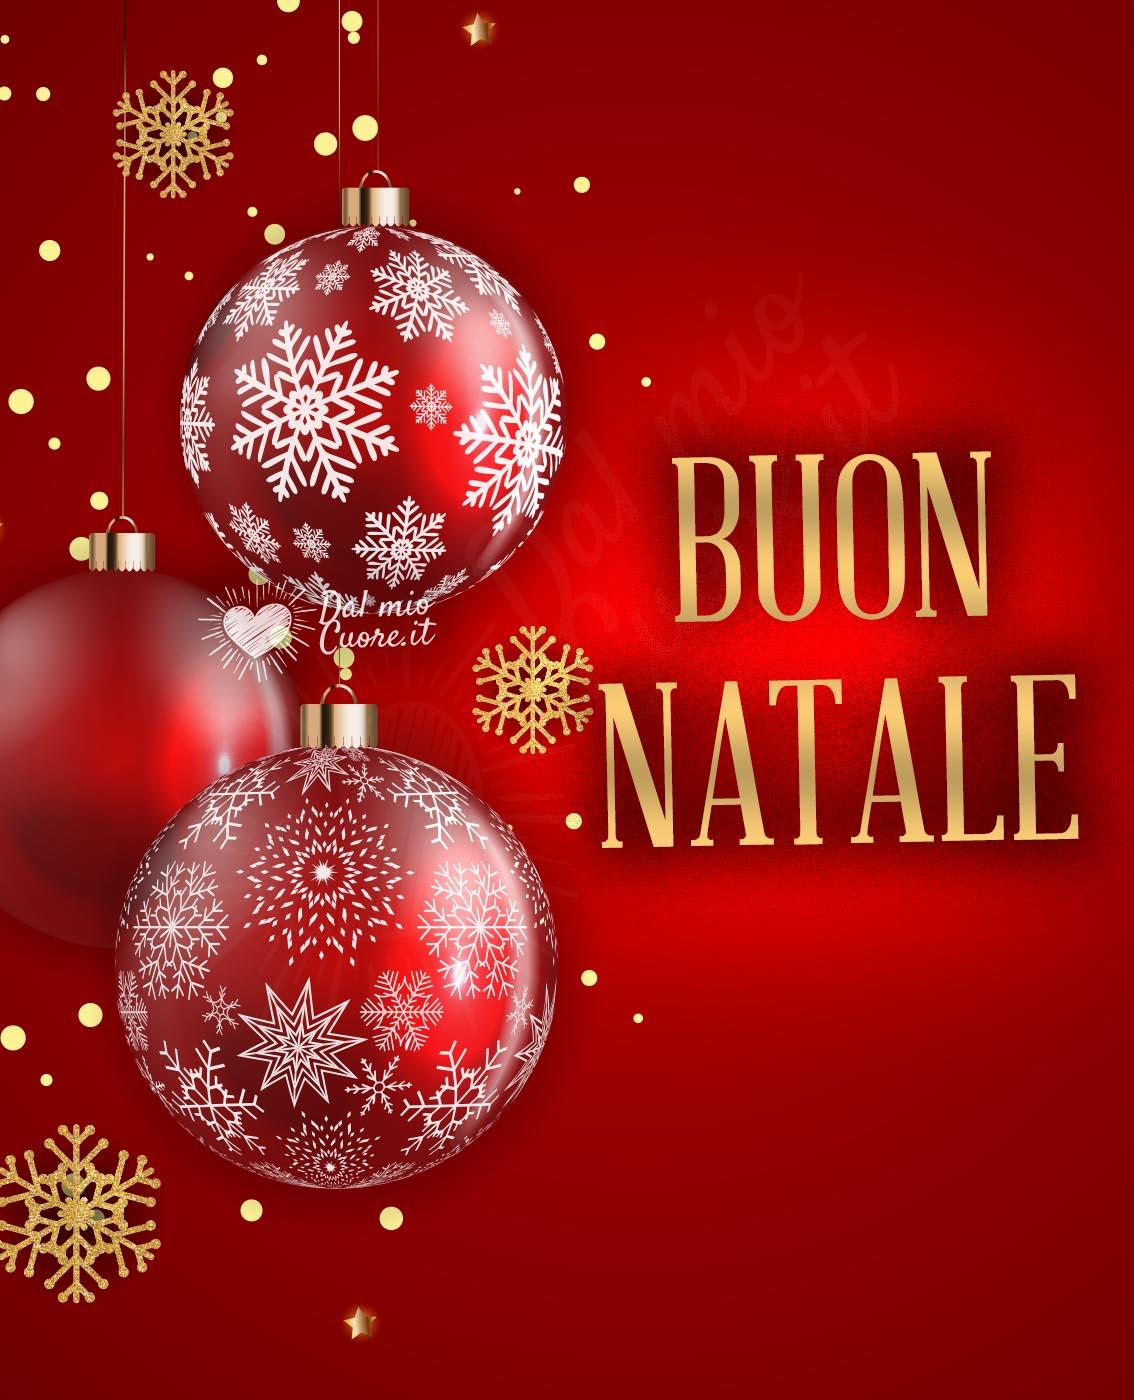 Le più belle immagini di natale per festeggiare un indimenticabile santo natale. Auguri Di Buon Natale Immagini Video E Gif Per Facebook E Whatsapp